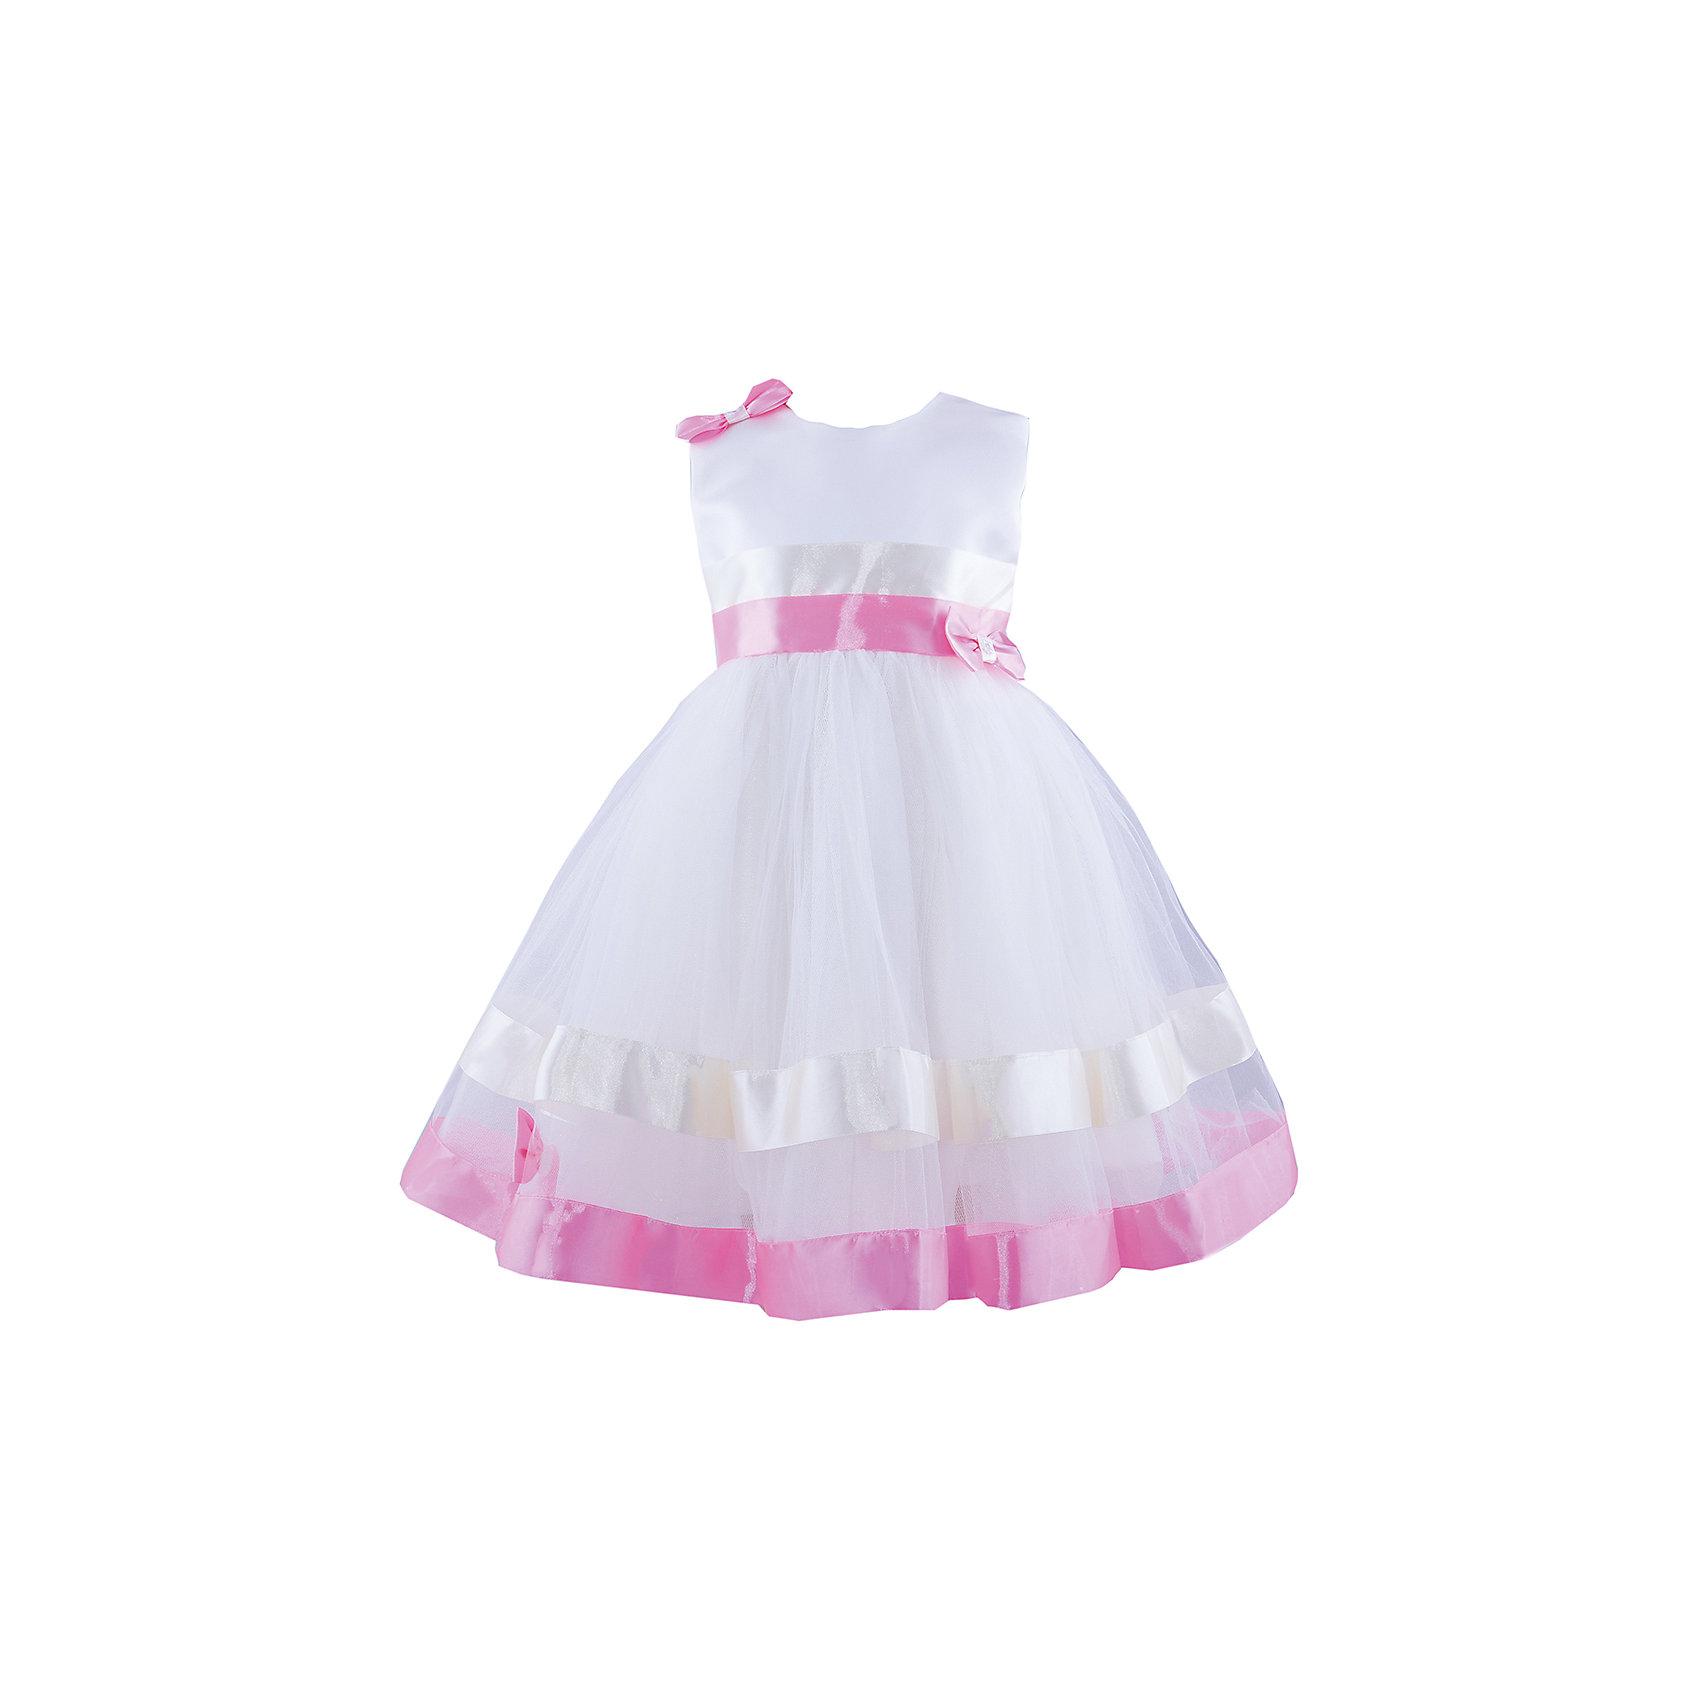 Нарядное платье ШармельНарядное платье для девочки от российской марки Шармель<br><br>Очень красивое платье отлично подойдет для праздника или похода в гости. В любой ситуации ребенок   в нем будет выглядеть достойно и оригинально.<br><br>Особенности модели:<br><br>- состав: 100% полиэстер; подкл.: 100% хлопок<br>- материал - разной фактуры, атласные ленты;<br>- цвет - молочный, бежевый, розовый;<br>- подол - многослойный, пышный, с полужестким каркасом из сетки;<br>- без рукавов;<br>- на плече и поясе - бант со стразами;<br>- сзади застежка-молния;<br>- пояс завязывается сзади на бант;<br>- талия завышена.<br><br>Дополнительная информация:<br><br>Габариты:<br><br>длина по спинке - 62 см.<br><br>* соответствует размеру 104/116<br><br>Нарядное платье для девочки от российской марки Шармель<br><br>Ширина мм: 236<br>Глубина мм: 16<br>Высота мм: 184<br>Вес г: 177<br>Цвет: бежевый/розовый<br>Возраст от месяцев: 24<br>Возраст до месяцев: 36<br>Пол: Женский<br>Возраст: Детский<br>Размер: 92/98,104/116<br>SKU: 4243394